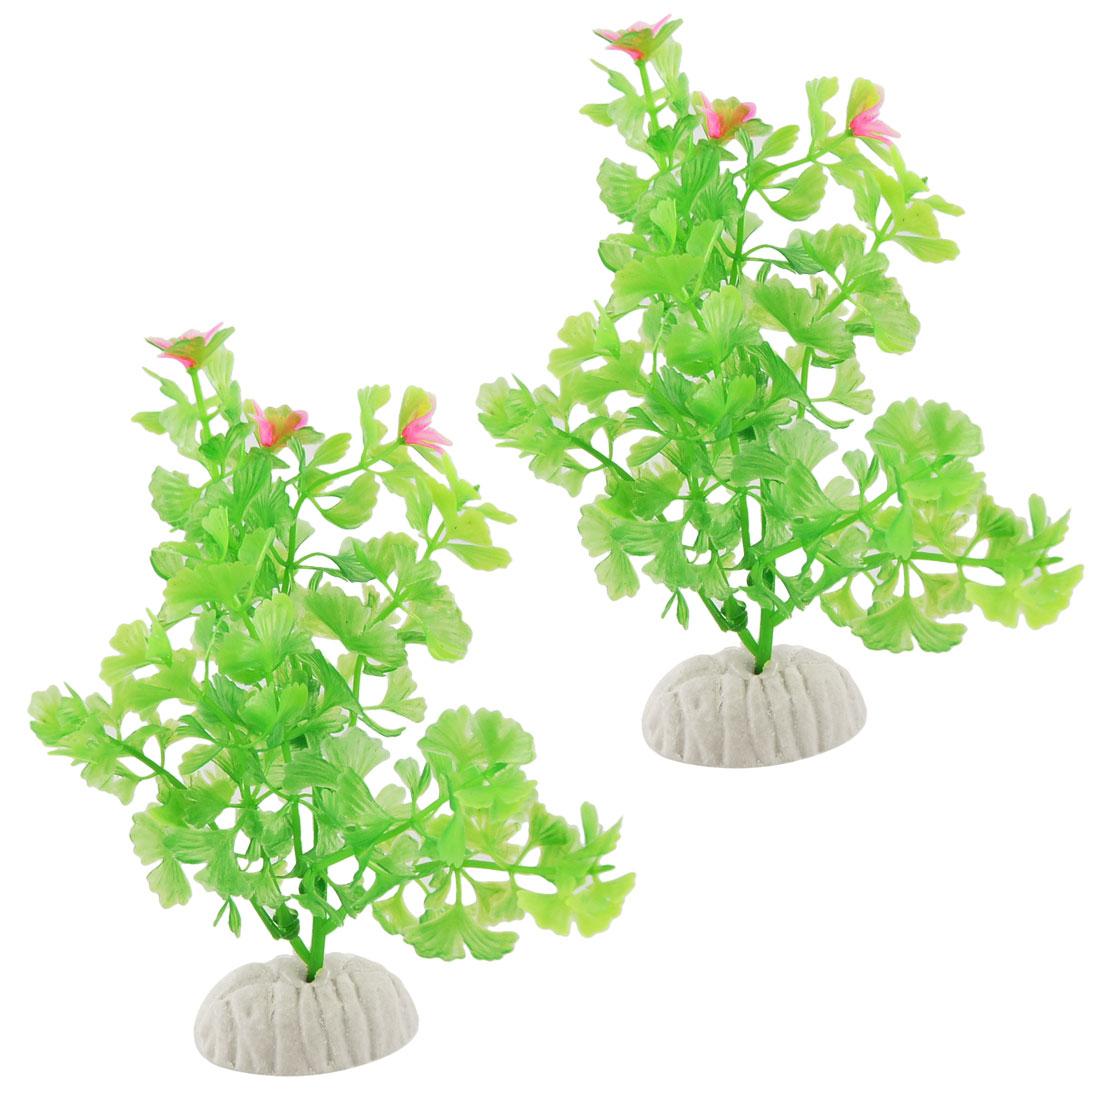 Fish Tank Pink Floral Green Plastic Aquascaping Plant Decor 2 Pcs